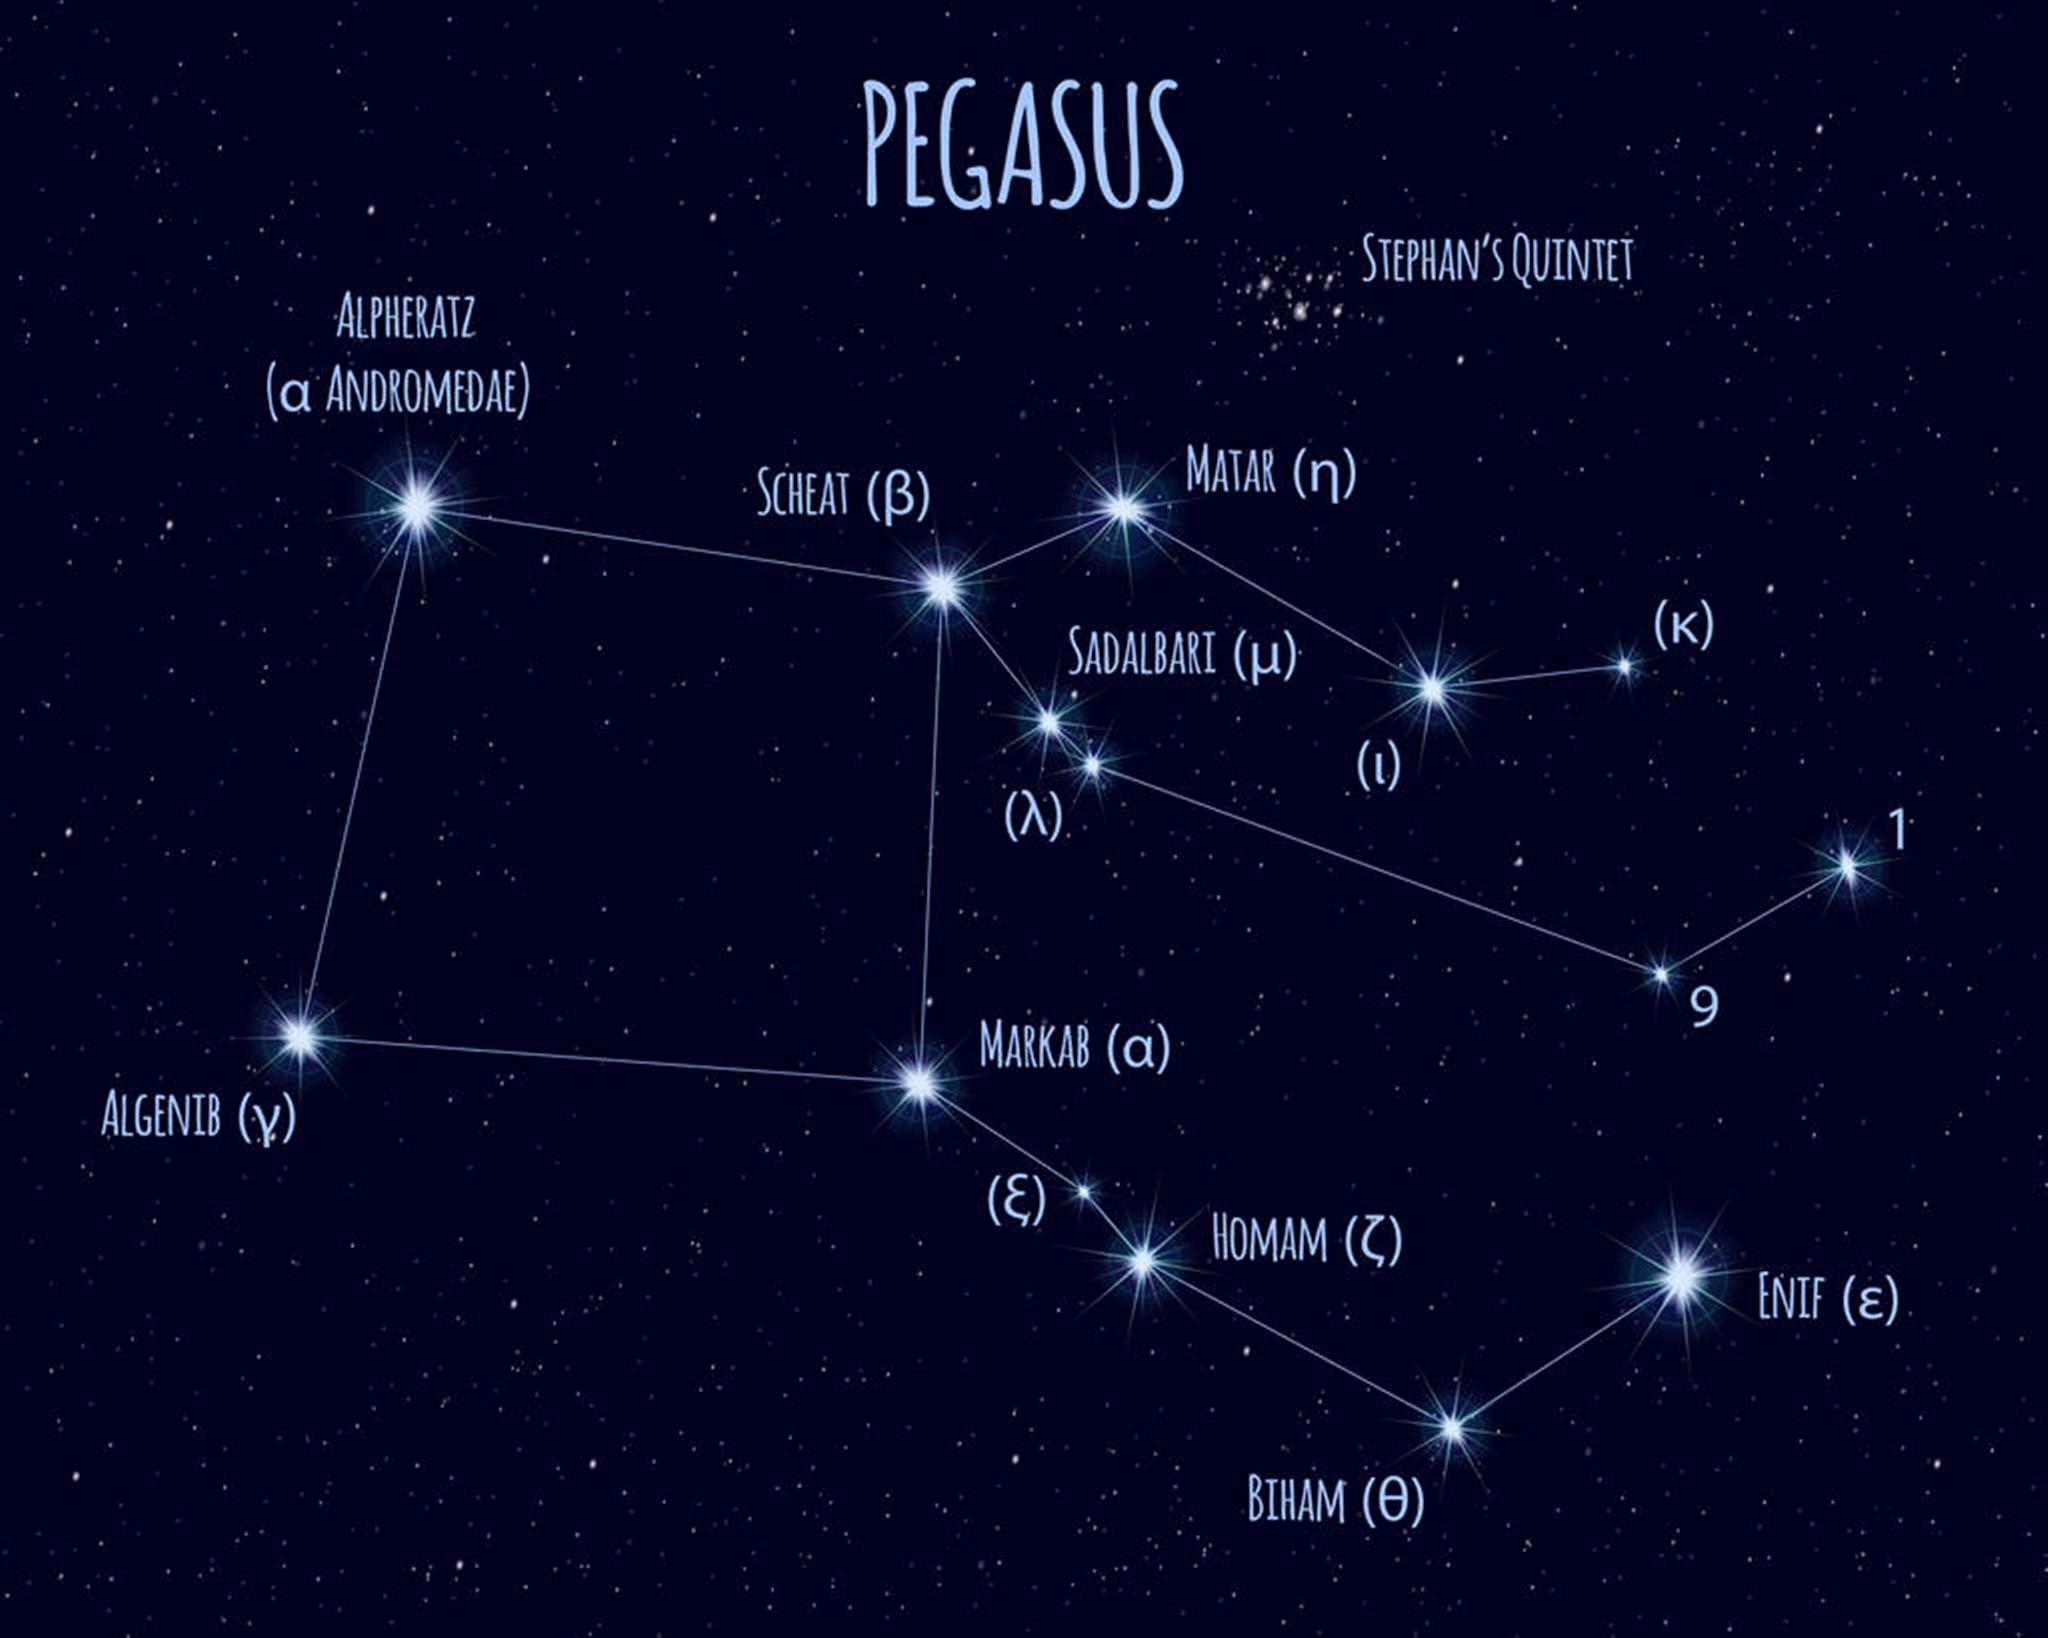 星座日期农历还是阳历星座的日期查询表